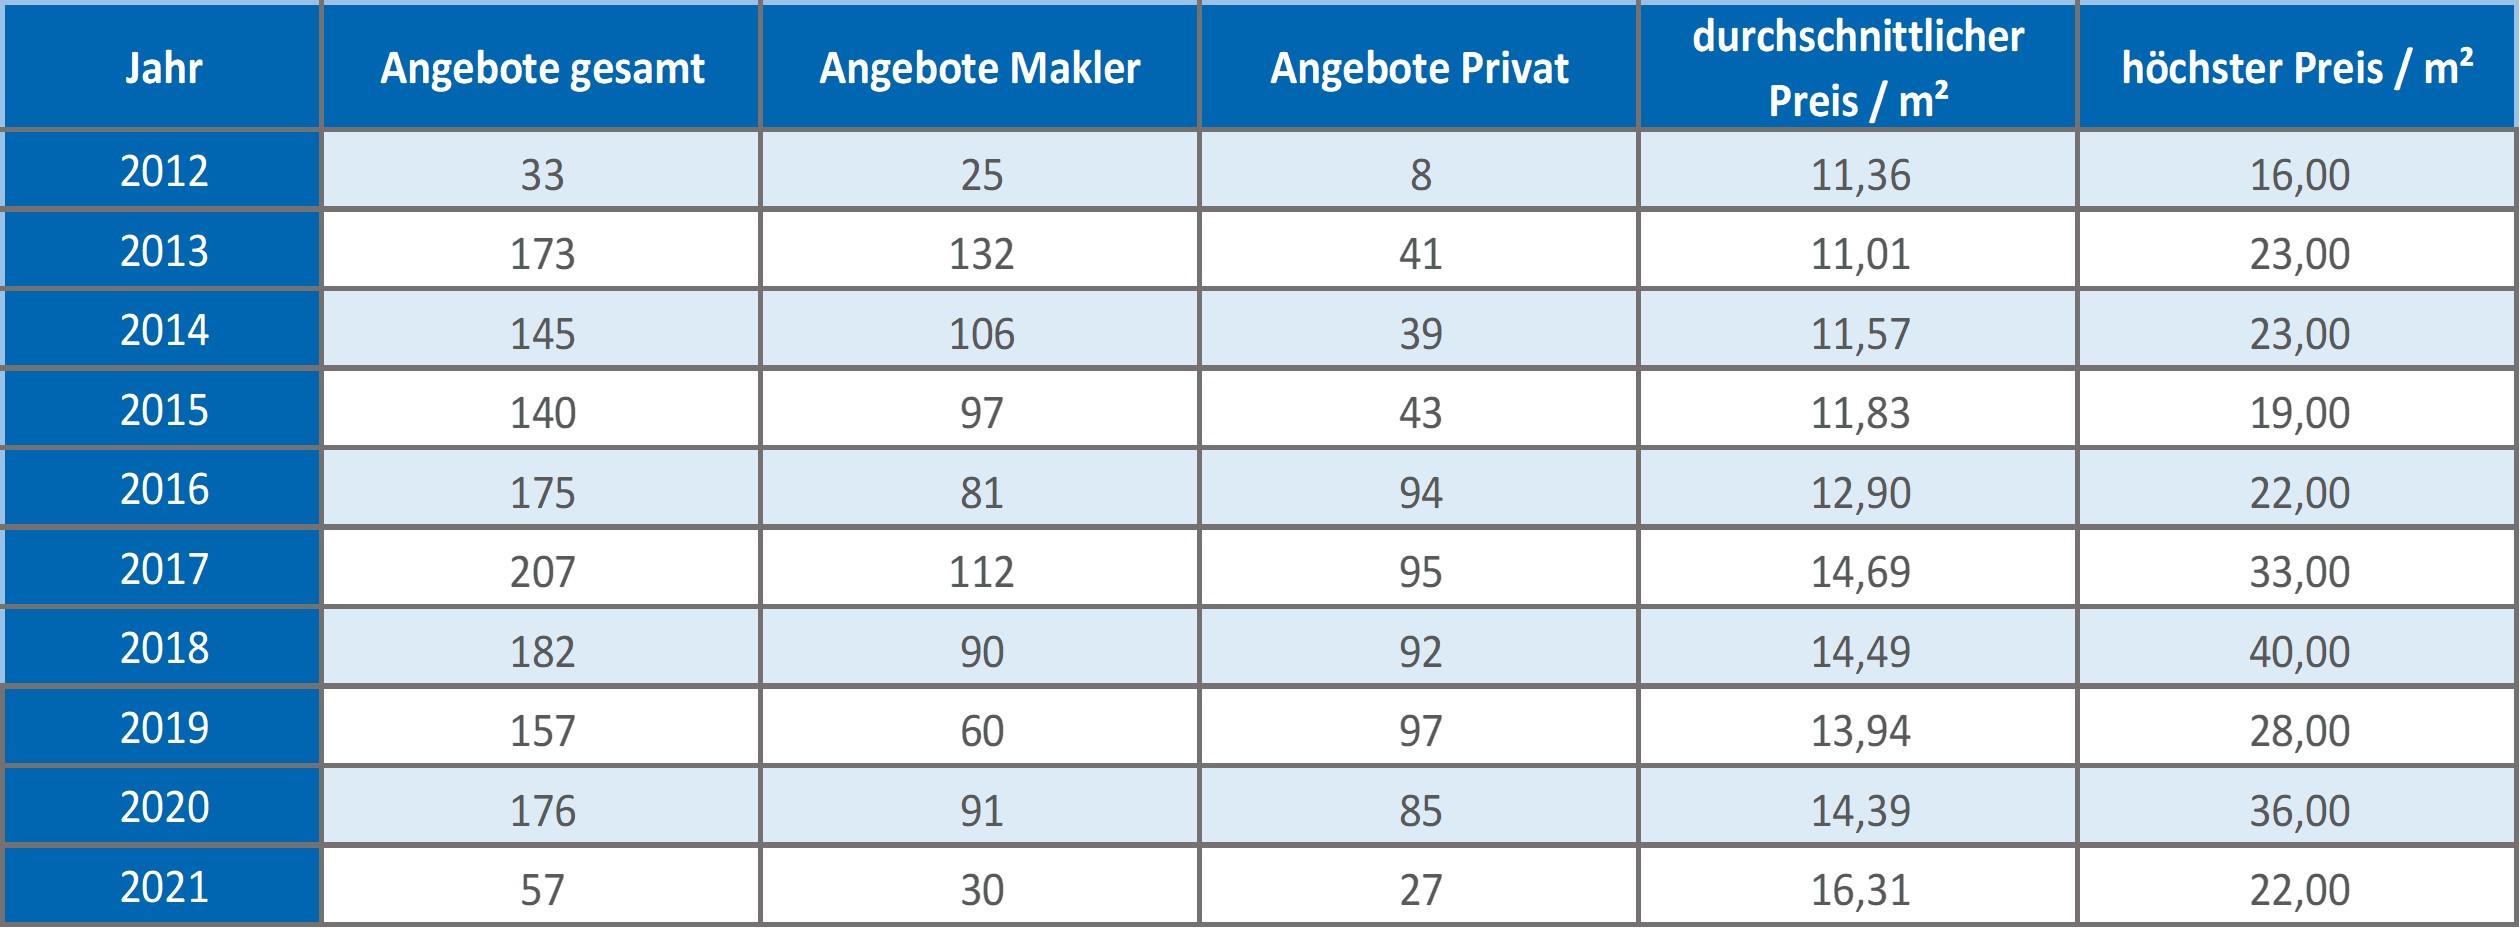 Herrsching Wohnung mieten vermieten Preis Bewertung Makler www.happy-immo.de 2019 2020 2021